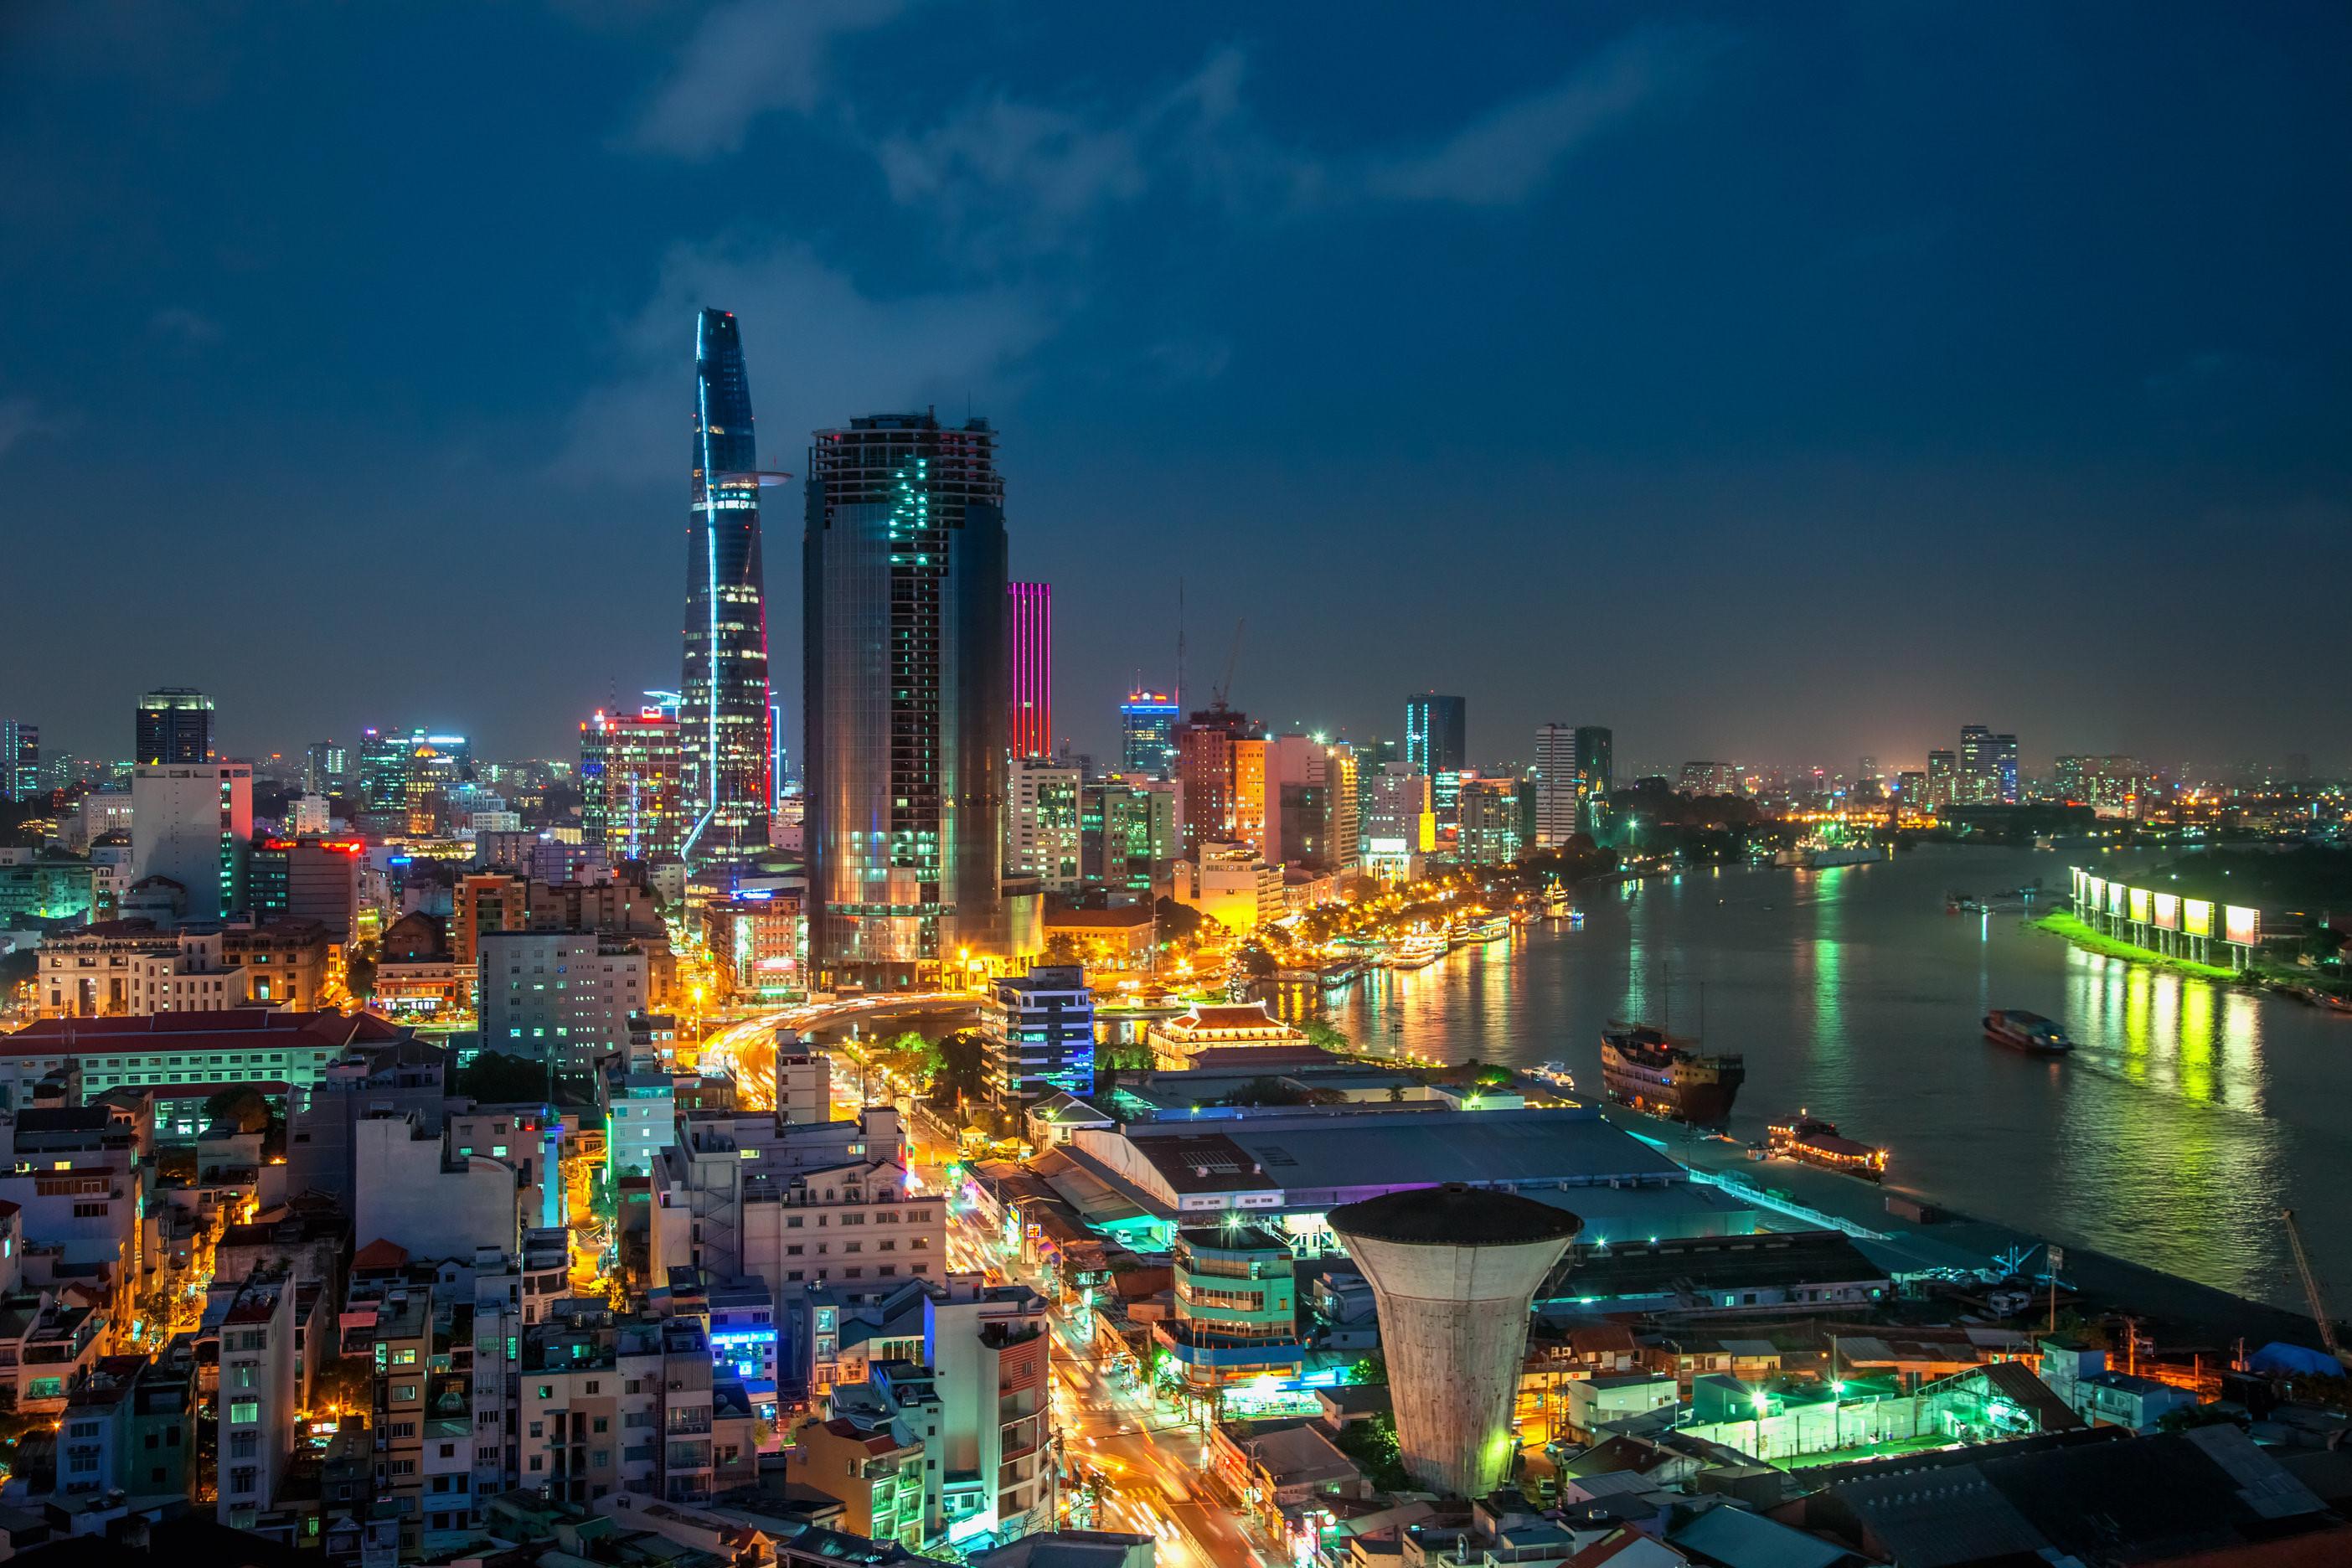 Hà Nội và TP.HCM vào top 10 điểm đến về du lịch công tác Ảnh 2